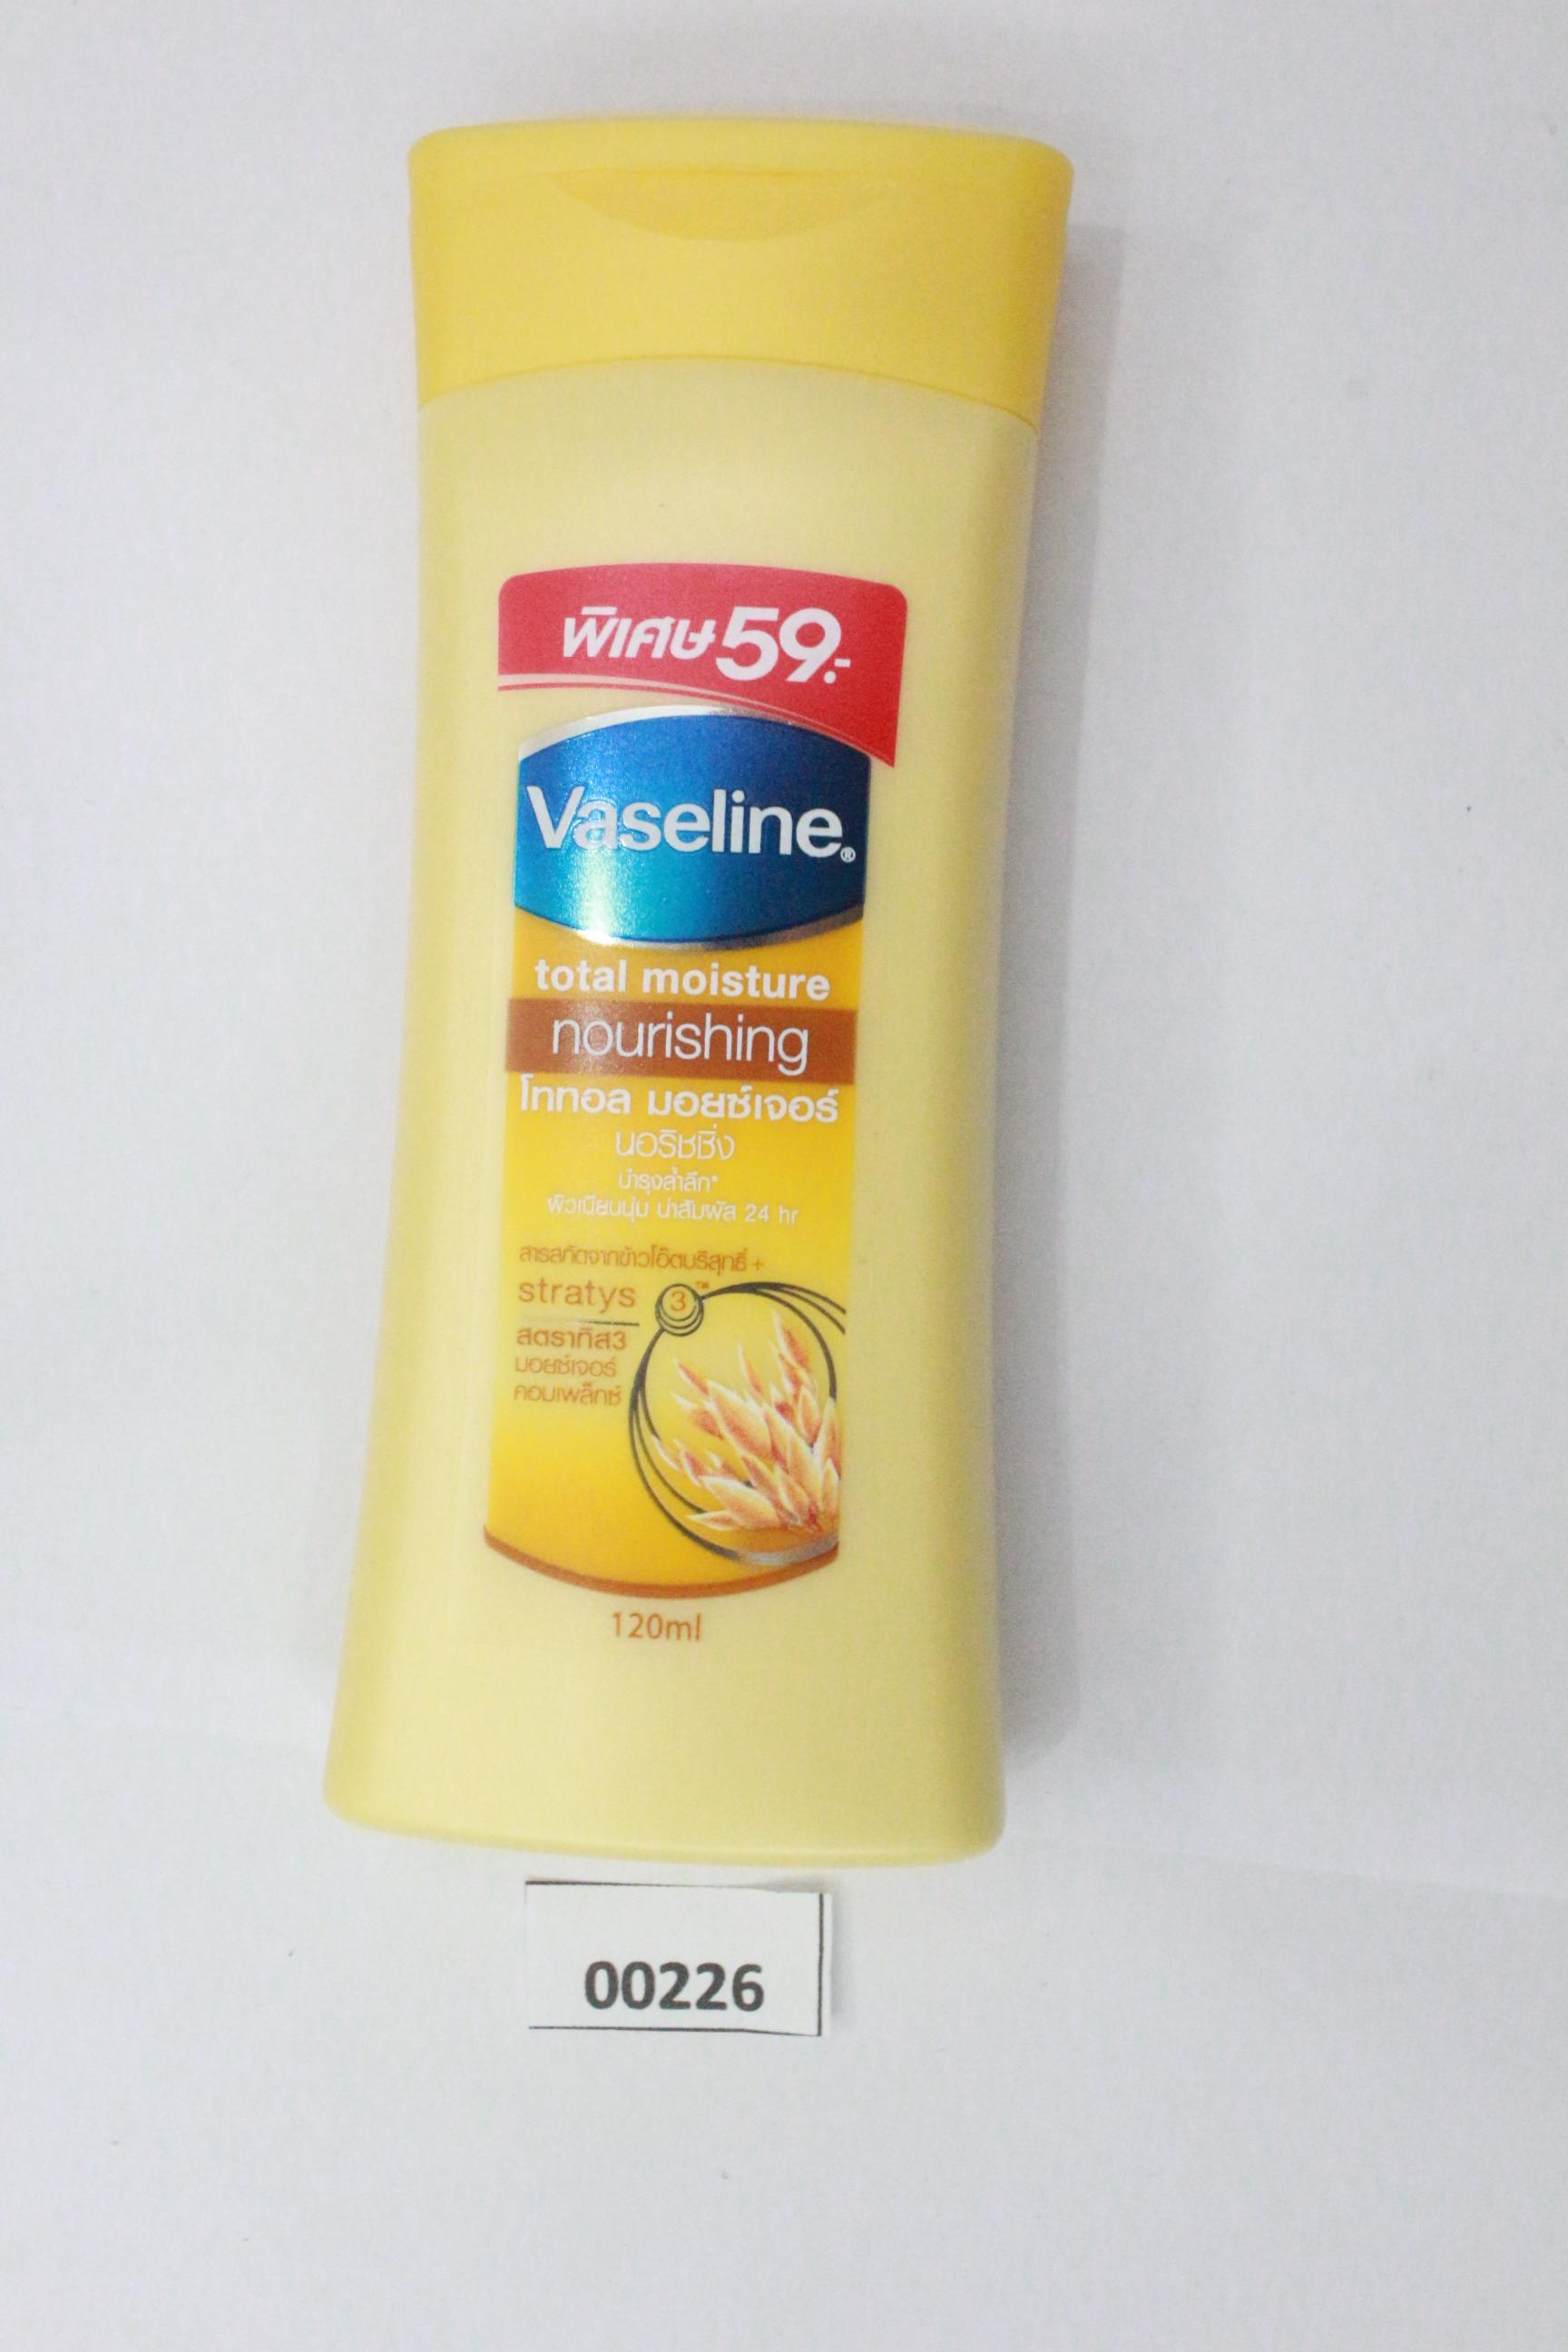 วาสลีน® อินเทนซีฟ แคร์ ดีพ รีสโตร์ สีเหลือง 120 มิล